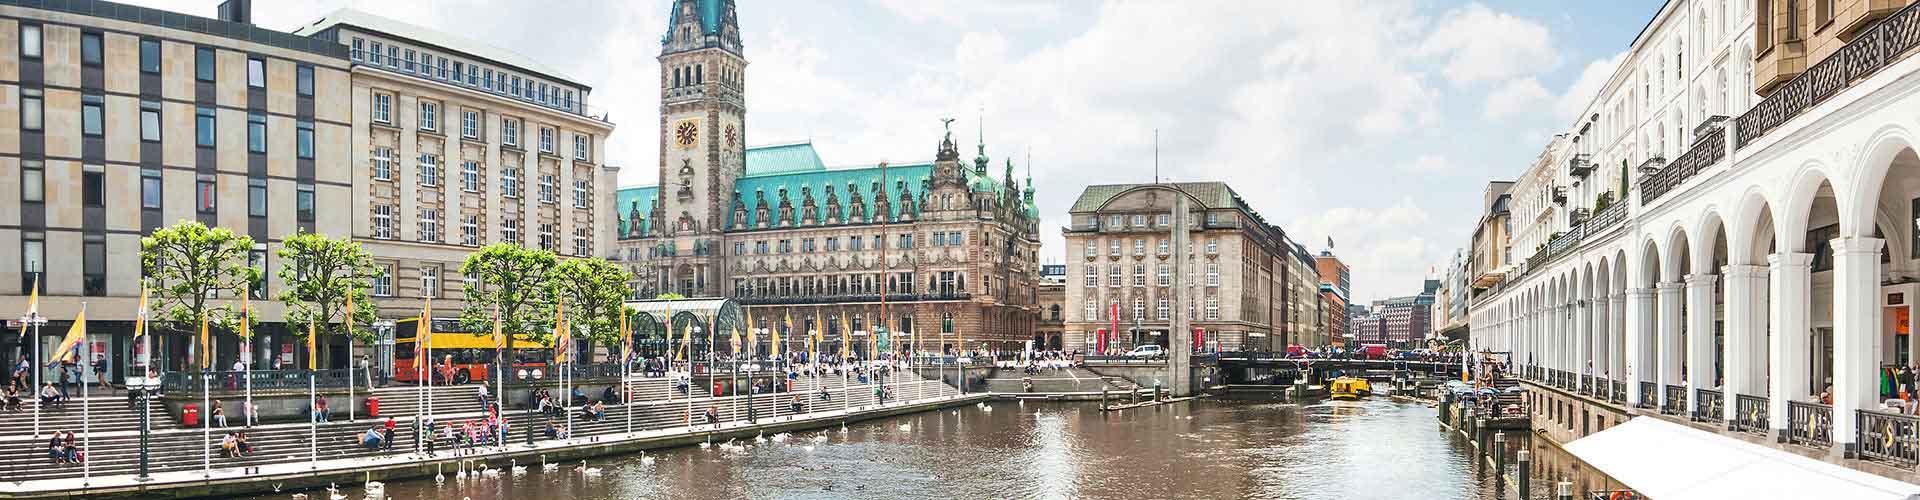 Amburgo – Campeggi a Amburgo. Mappe per Amburgo, Foto e  Recensioni per ogni Campeggio a Amburgo.